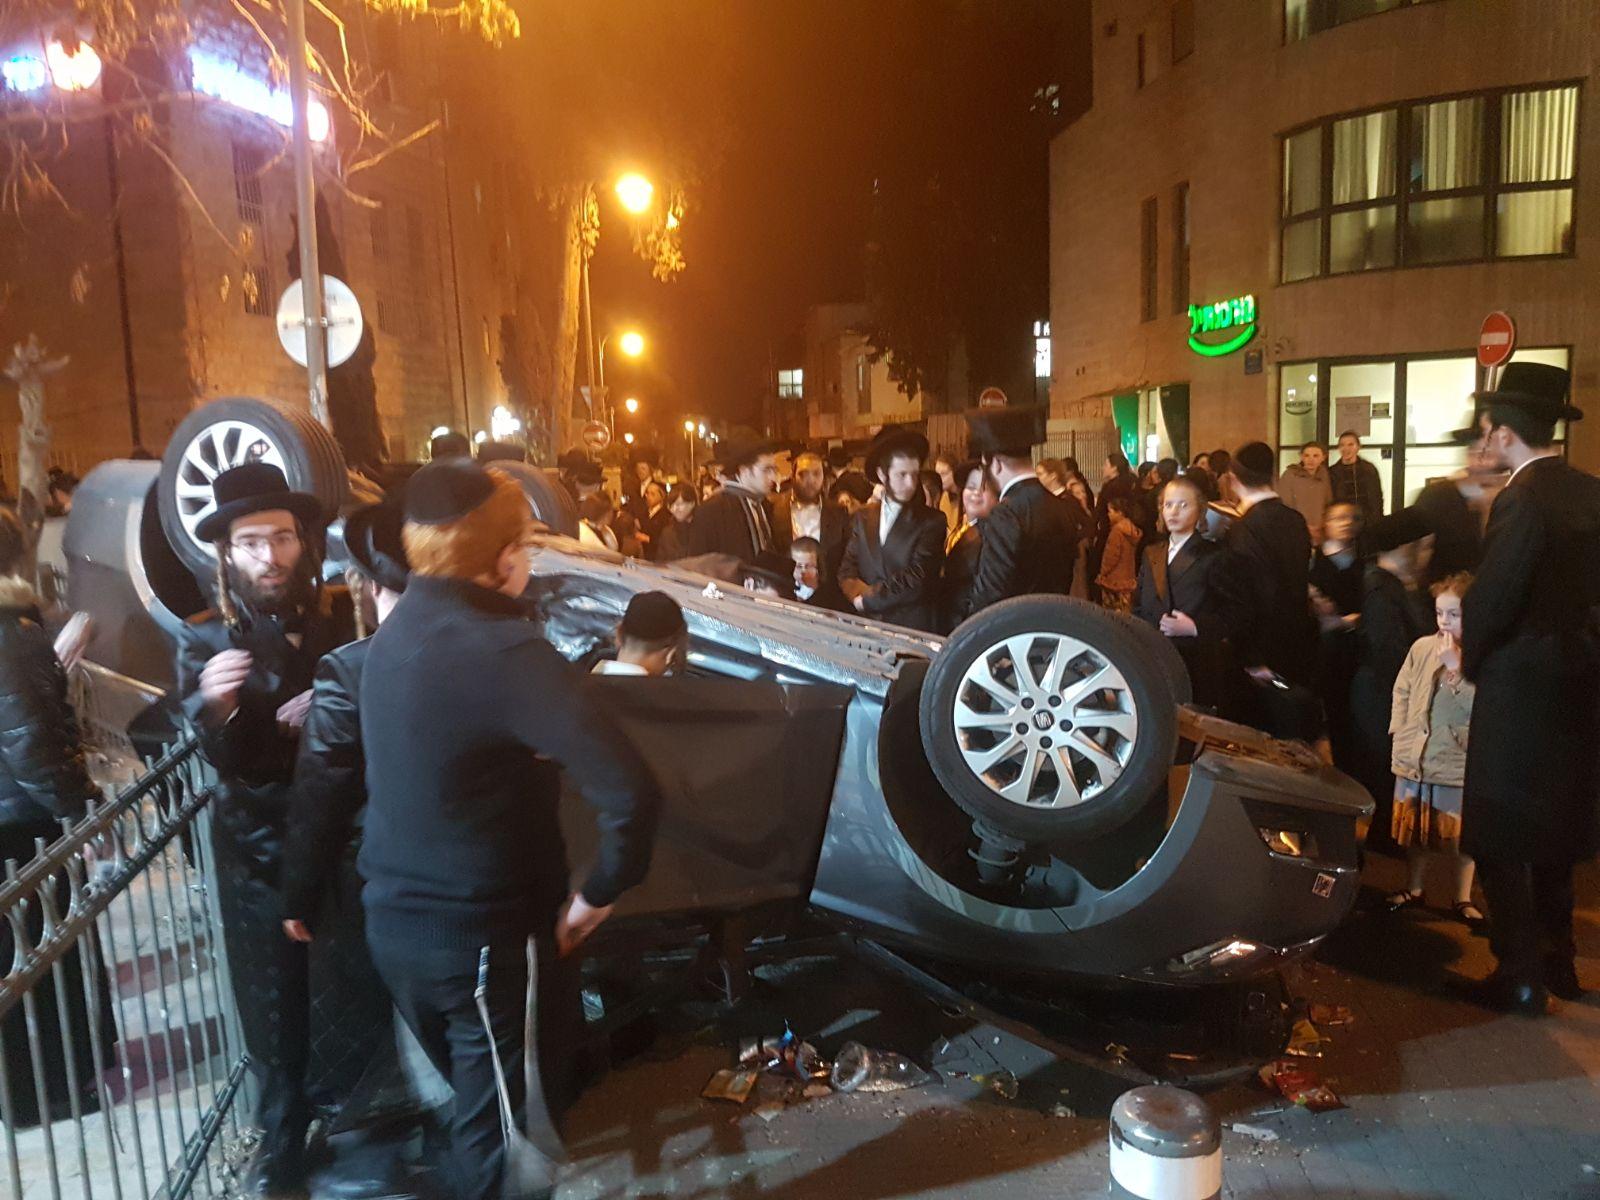 אטרקציה בגאולה: הרכב התהפך והנהג ניצל